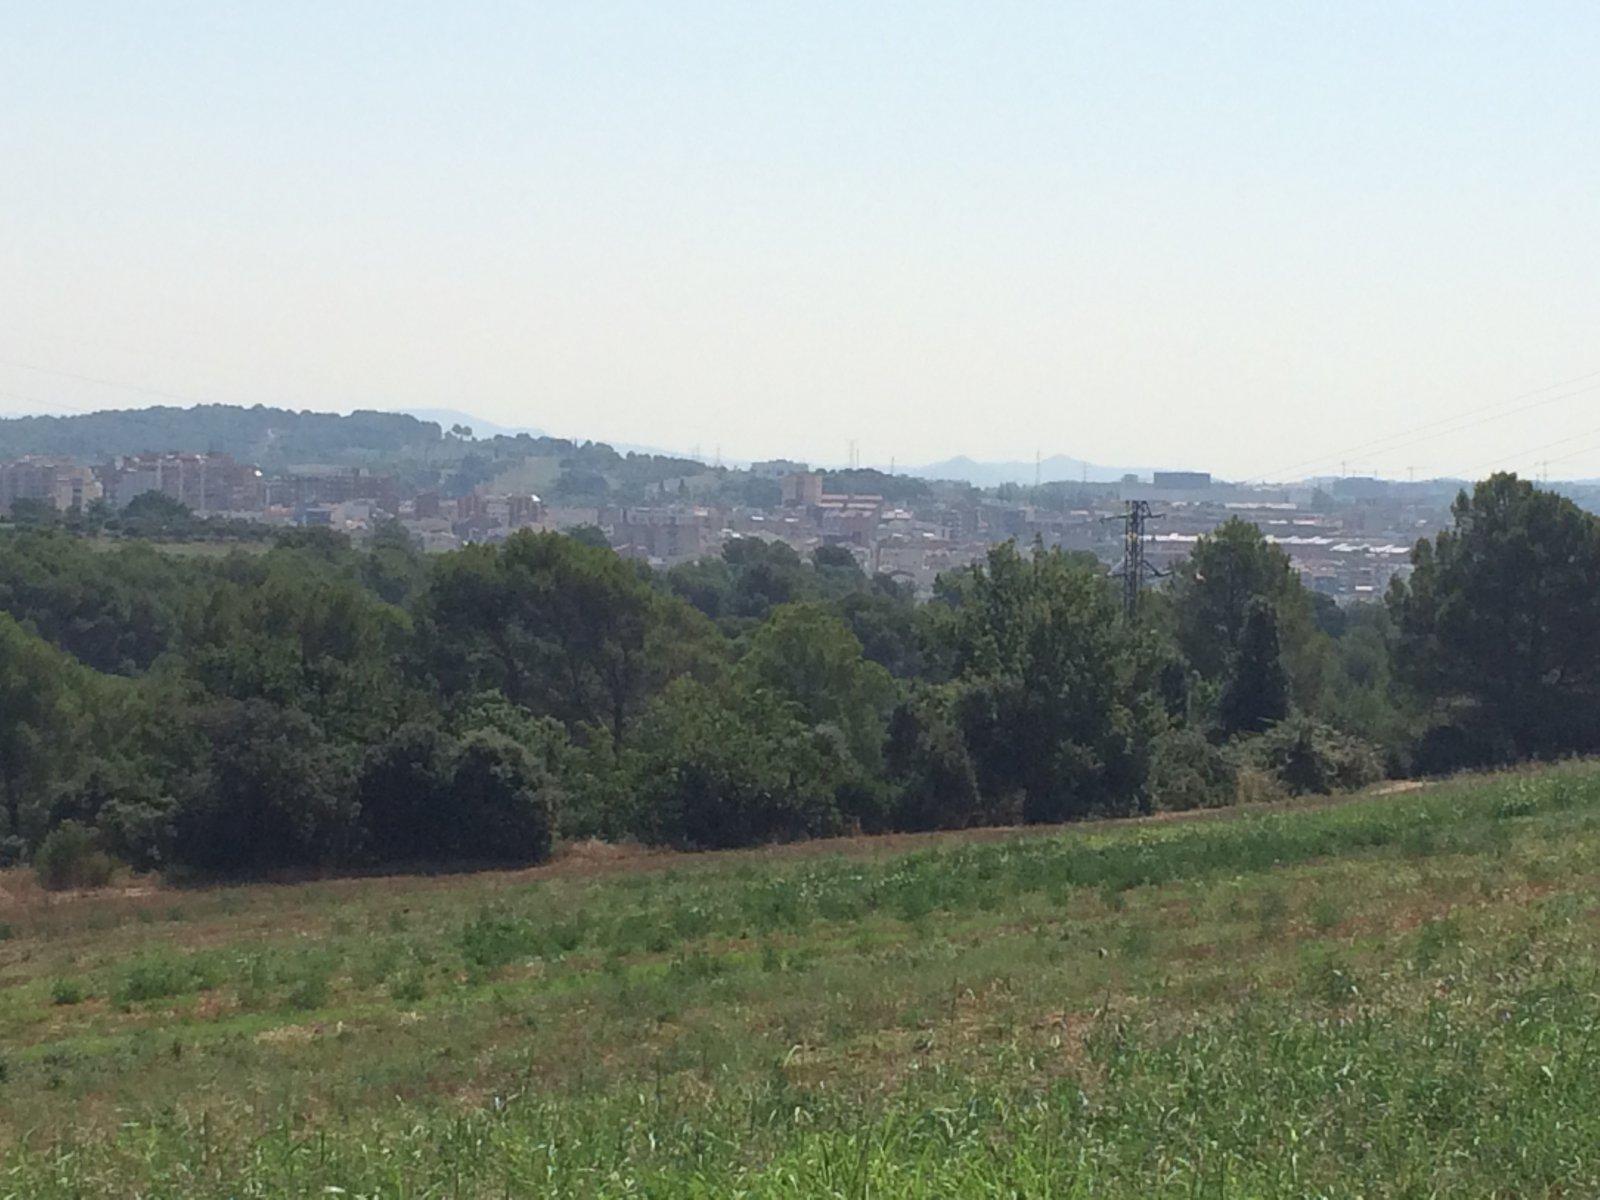 La ciutat de Rubí al fons de la imatge